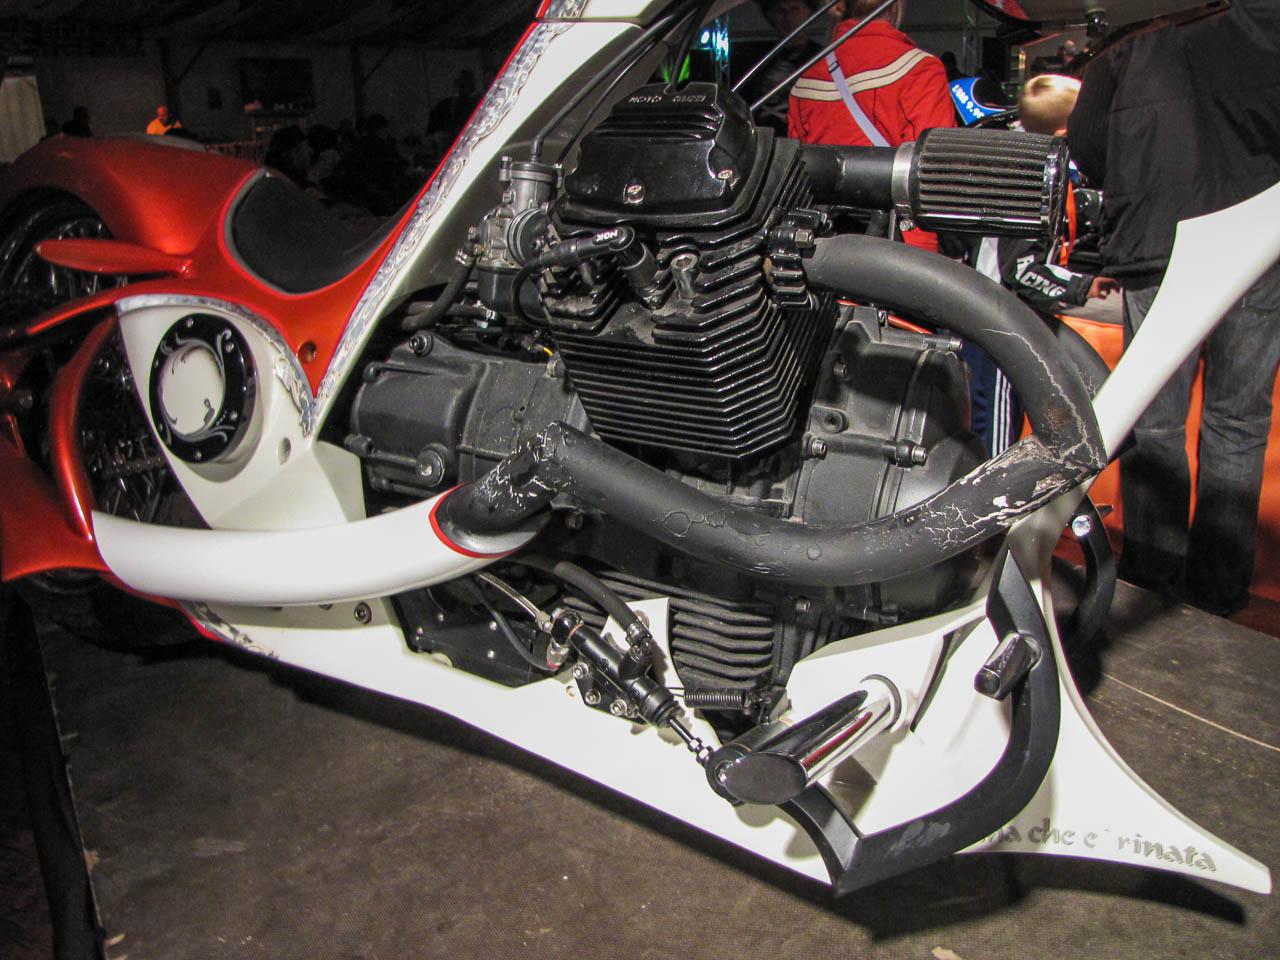 Zirig Árpinak sok szeretettel: egy pofás custom motoron csak dobhat az eredeti csehszlovák PAL lámpa